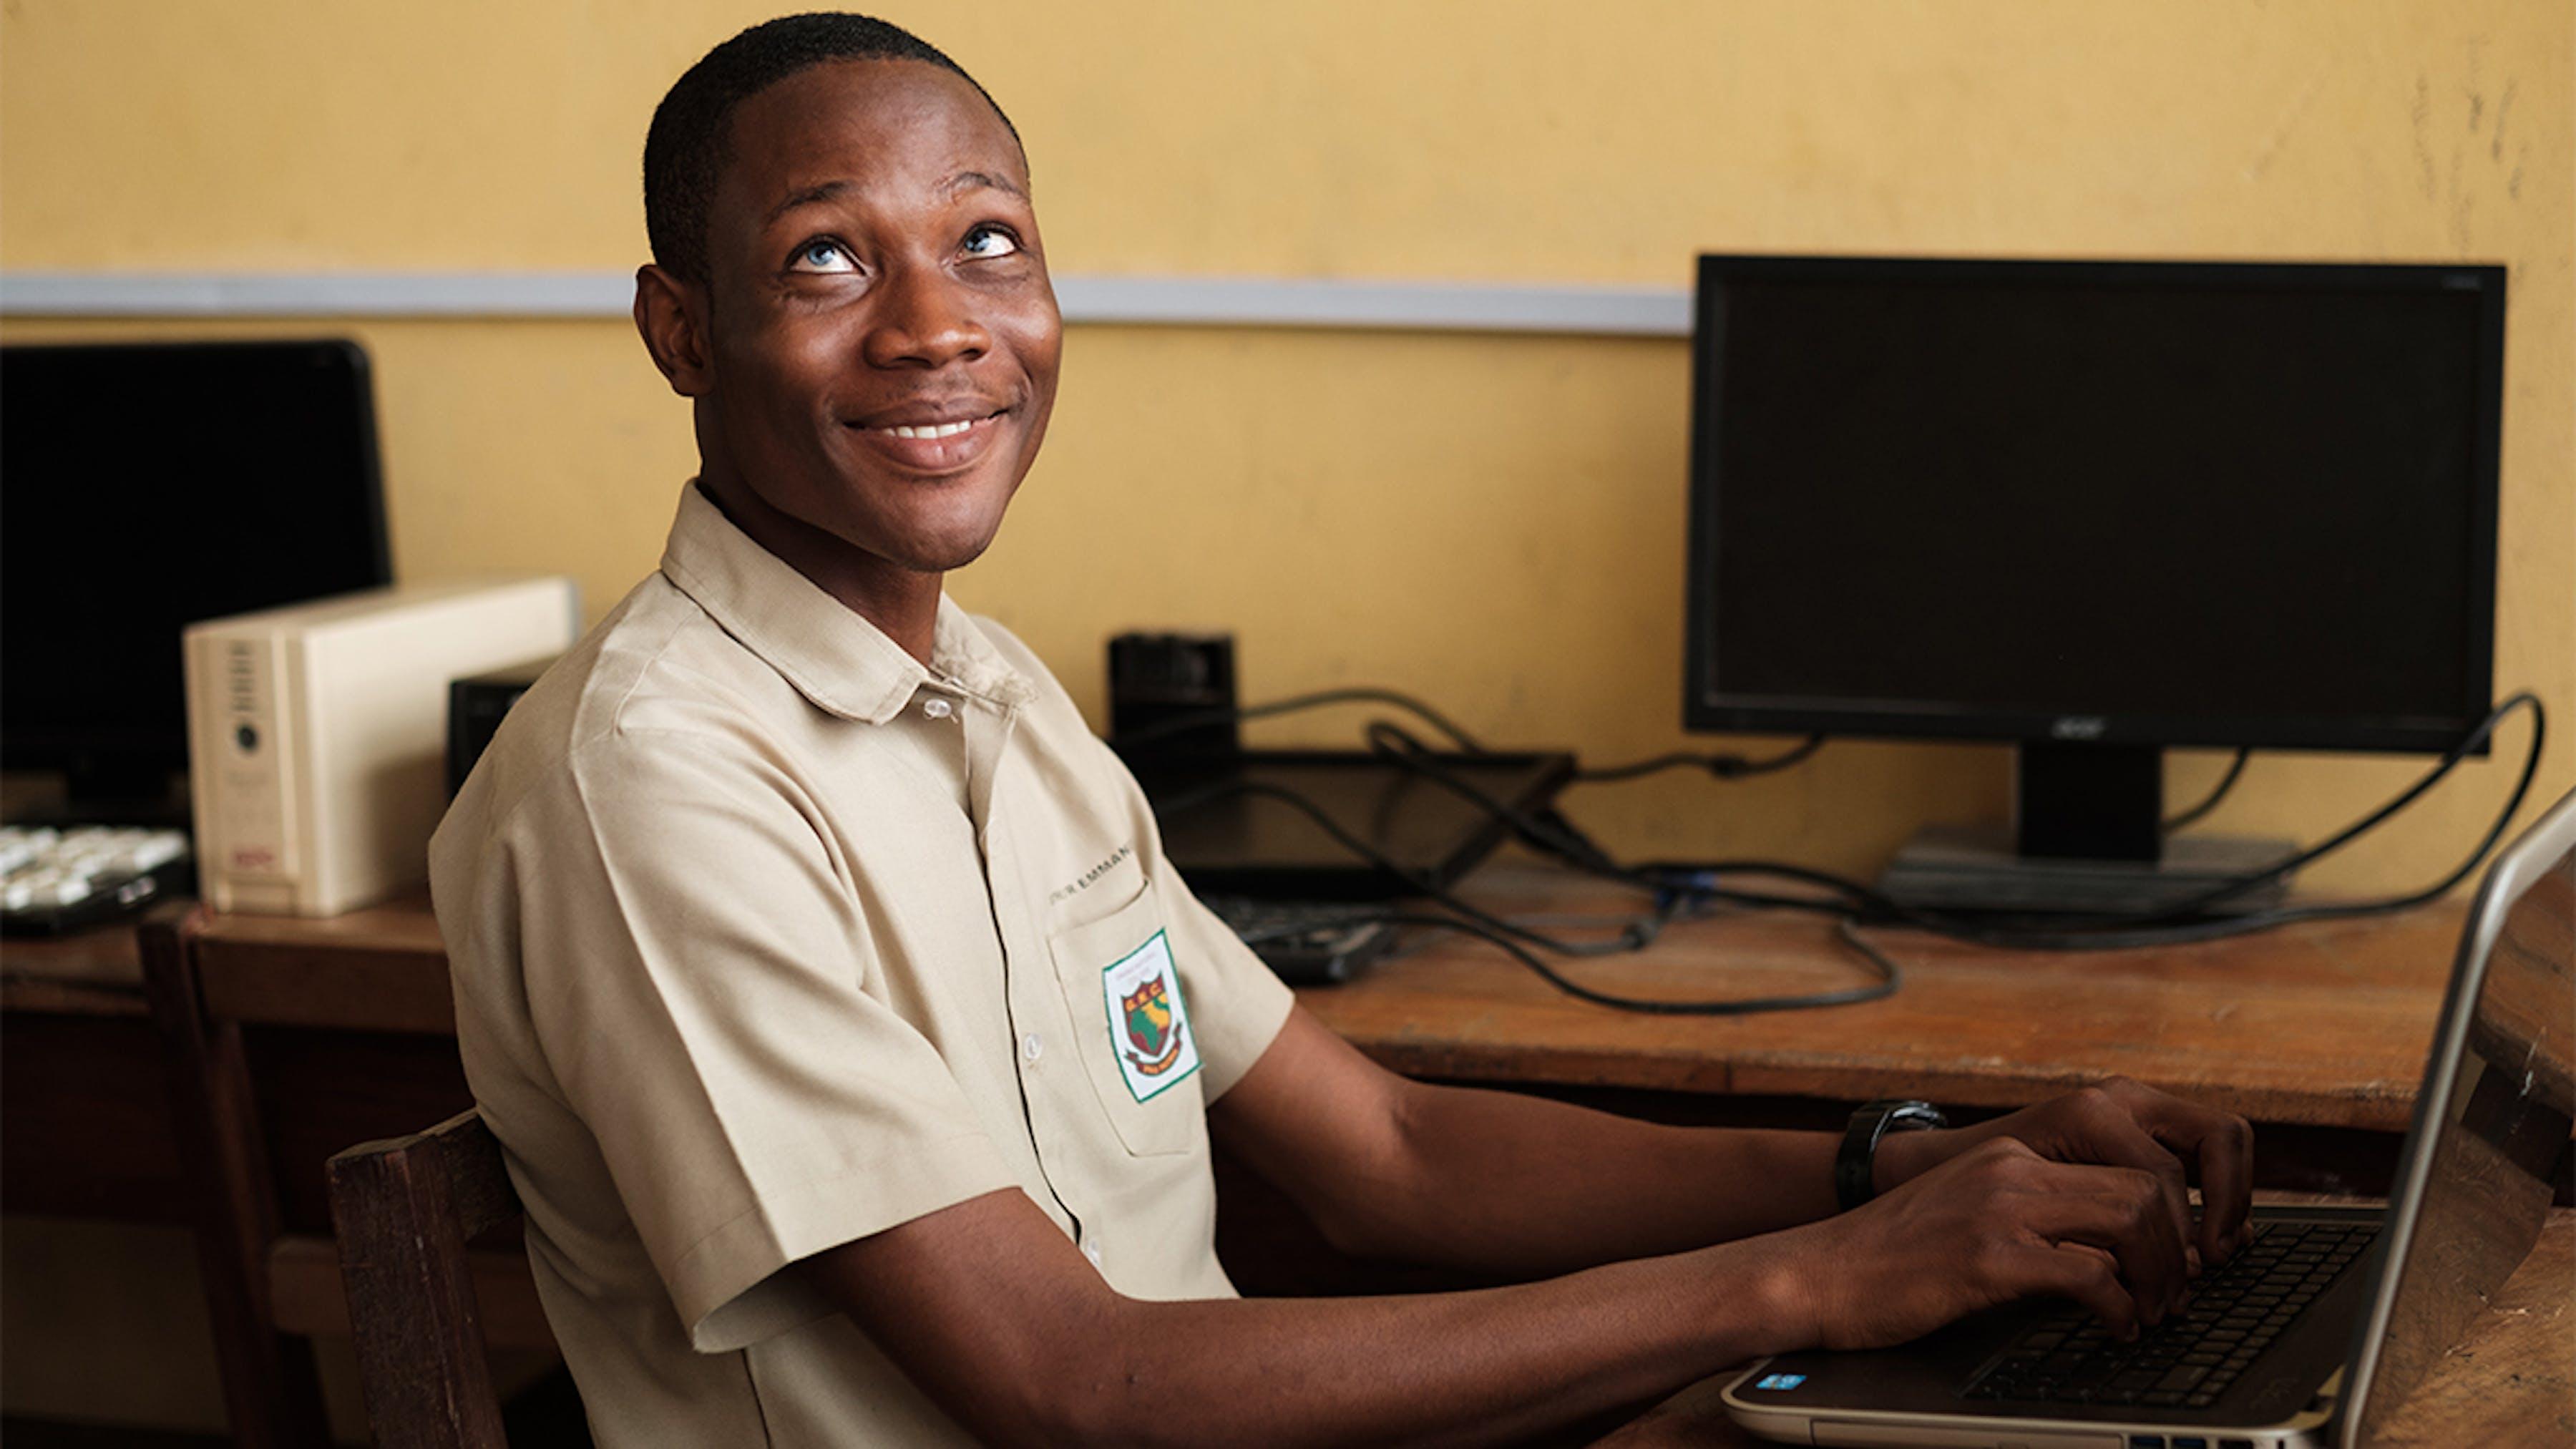 Ghana, il sorriso di uno uno studente con una disabilità visiva.